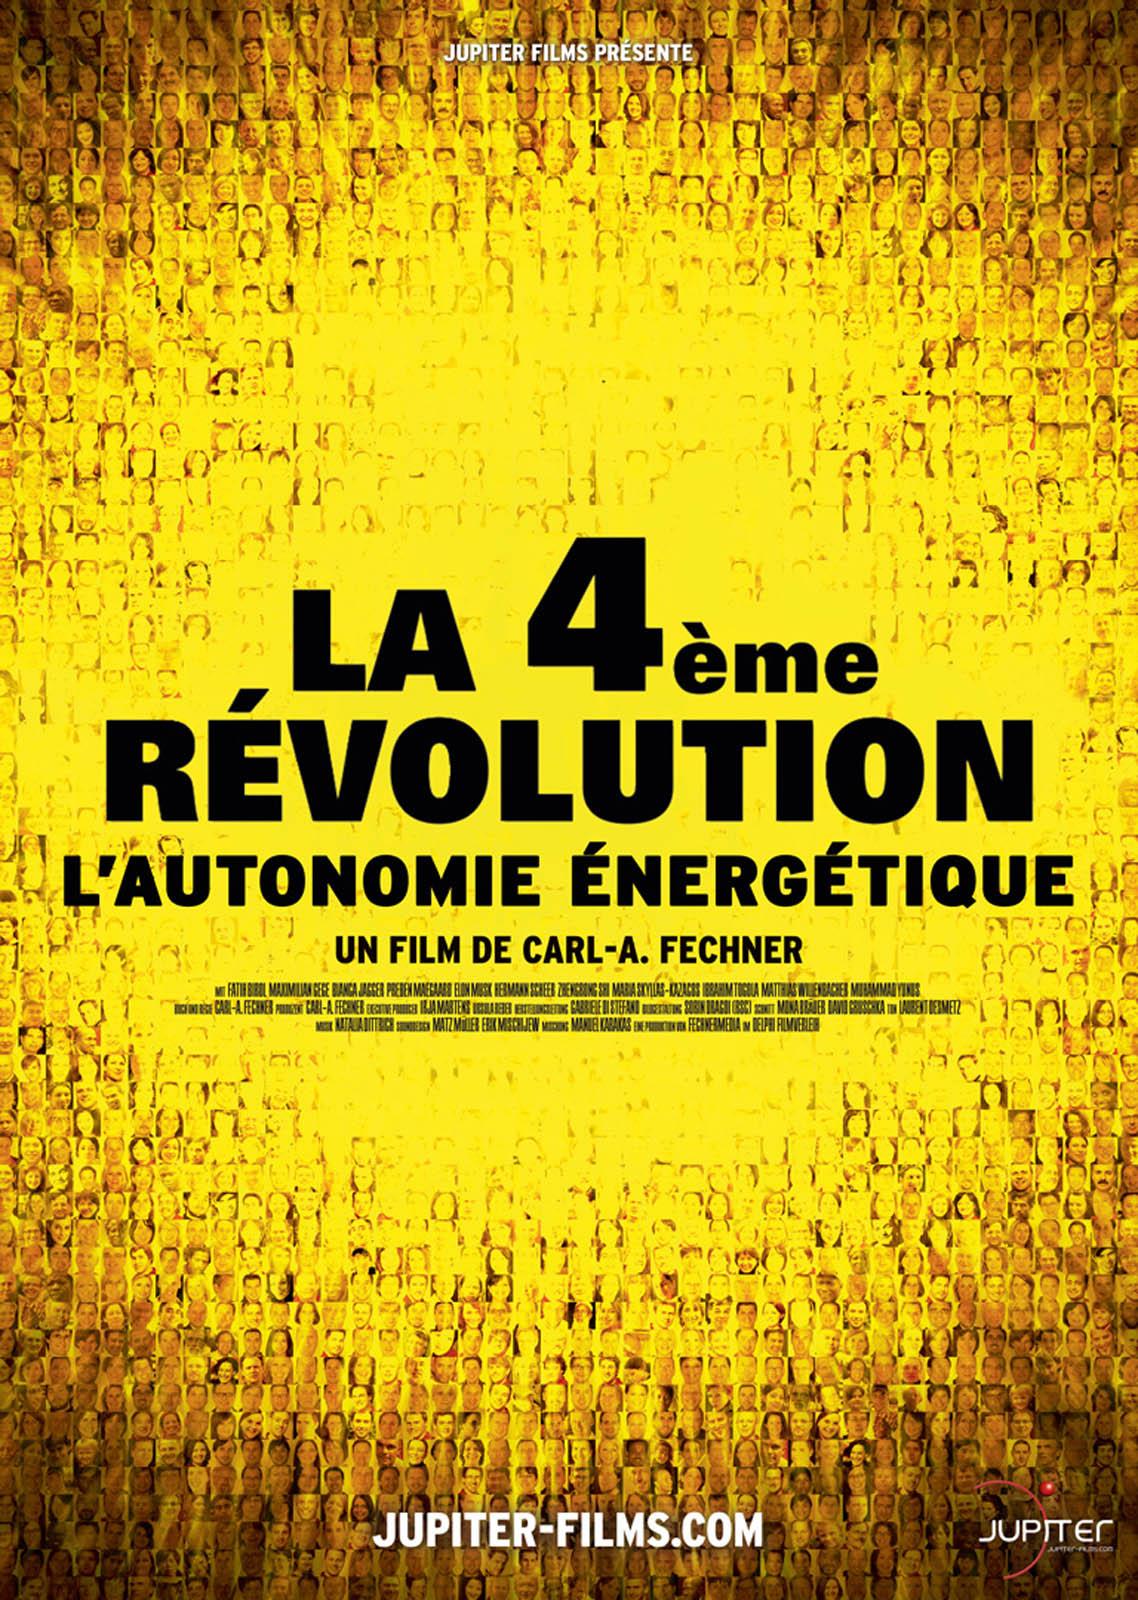 La 4ème Révolution: L'Autonomie Énergétique